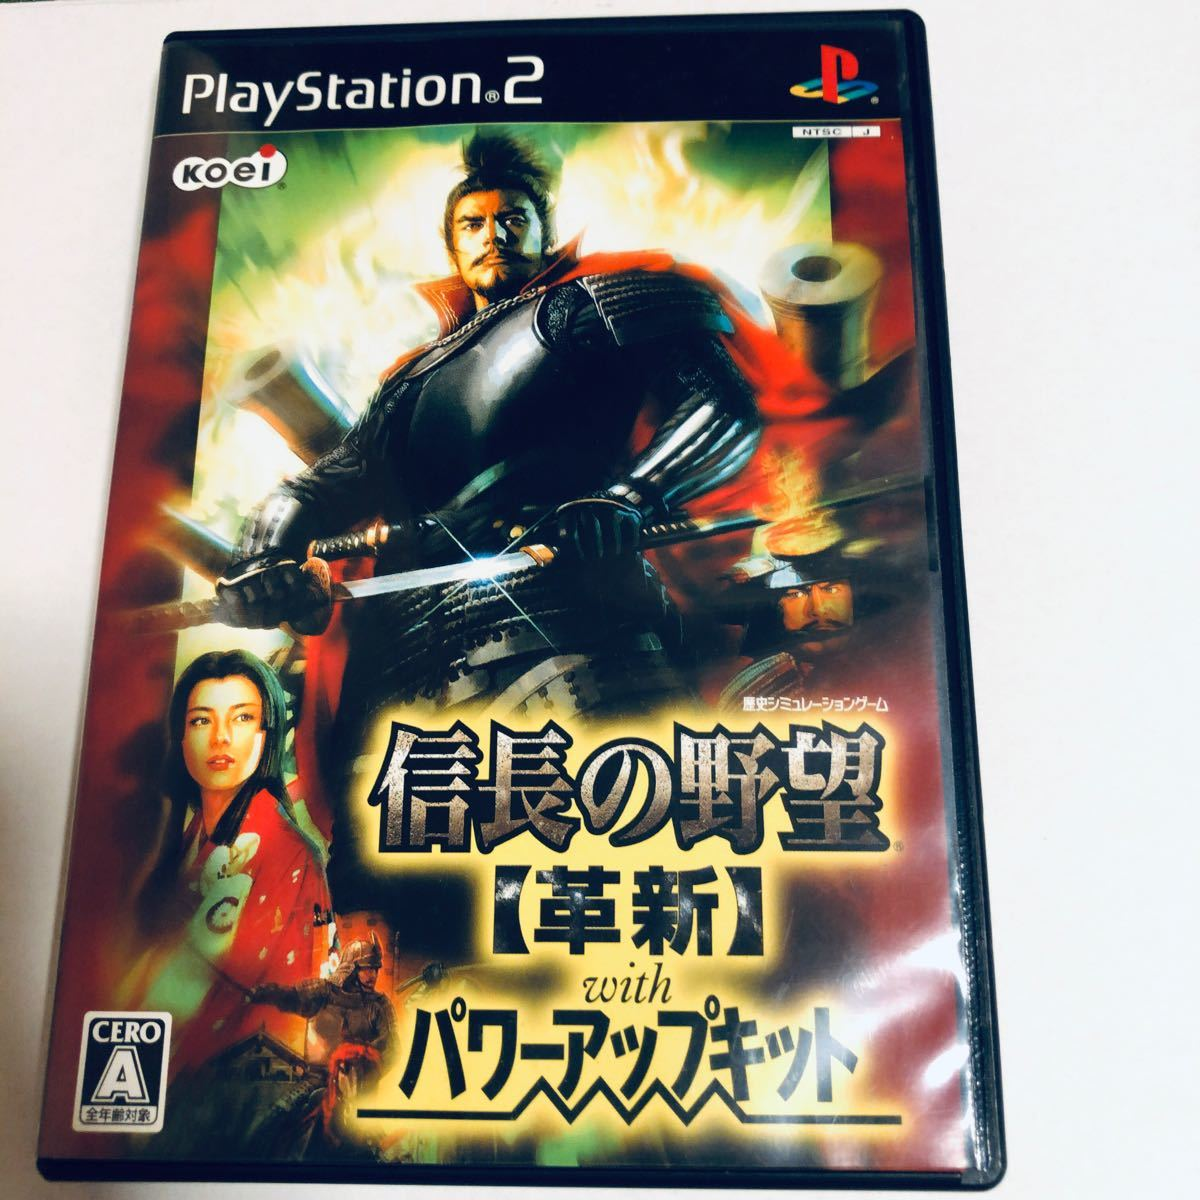 信長の野望 革新 with パワーアップキット PS2